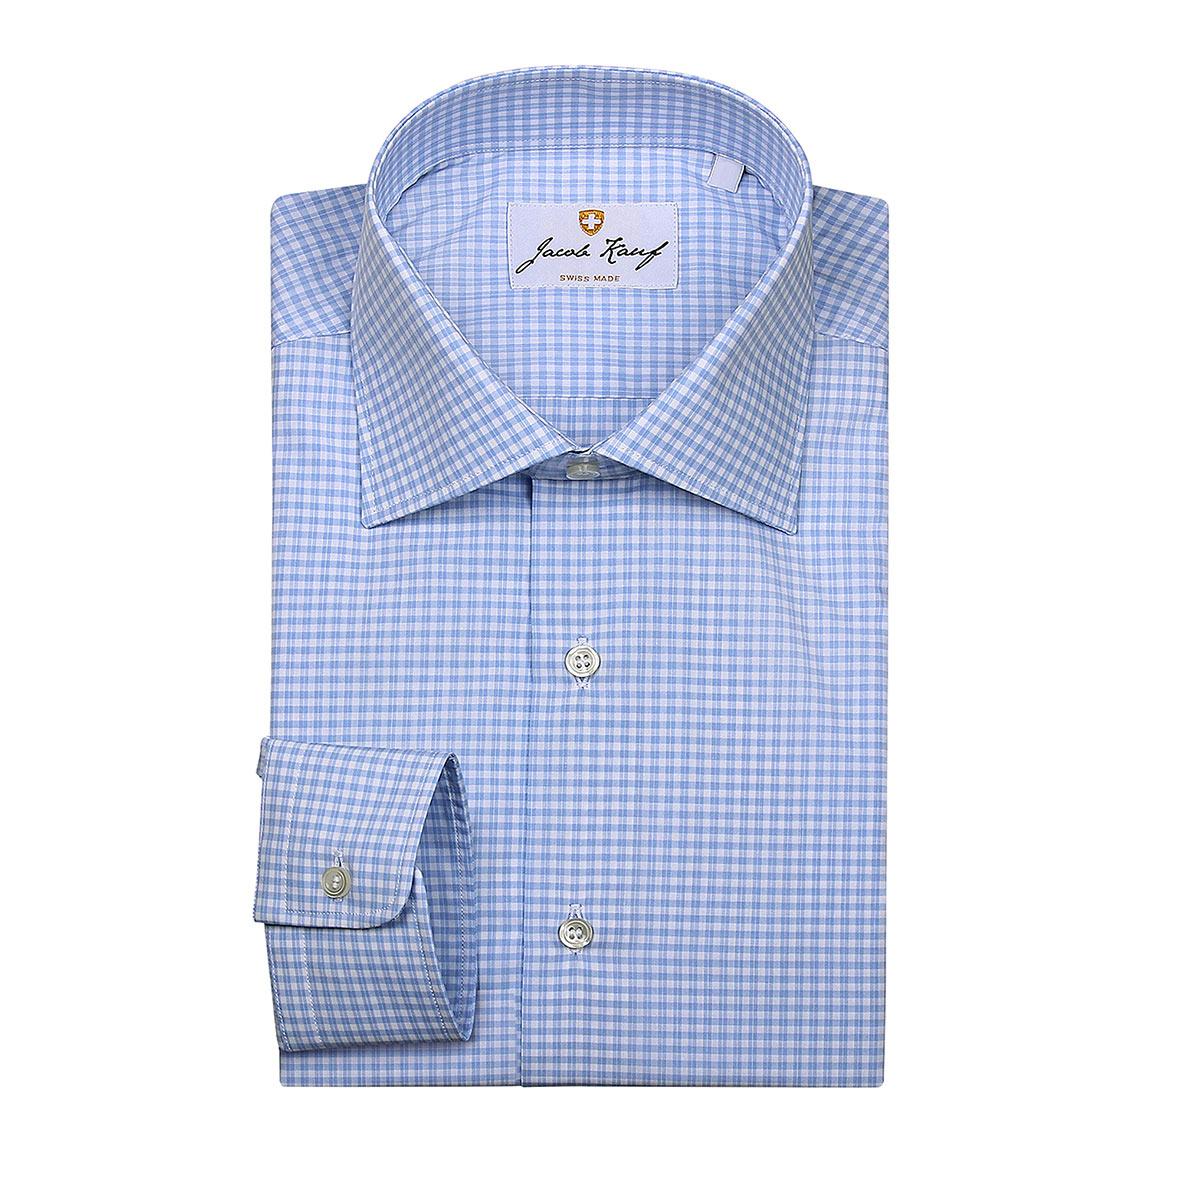 Schweizer Hemd Jacob Kauf, kariert, blau-weiss